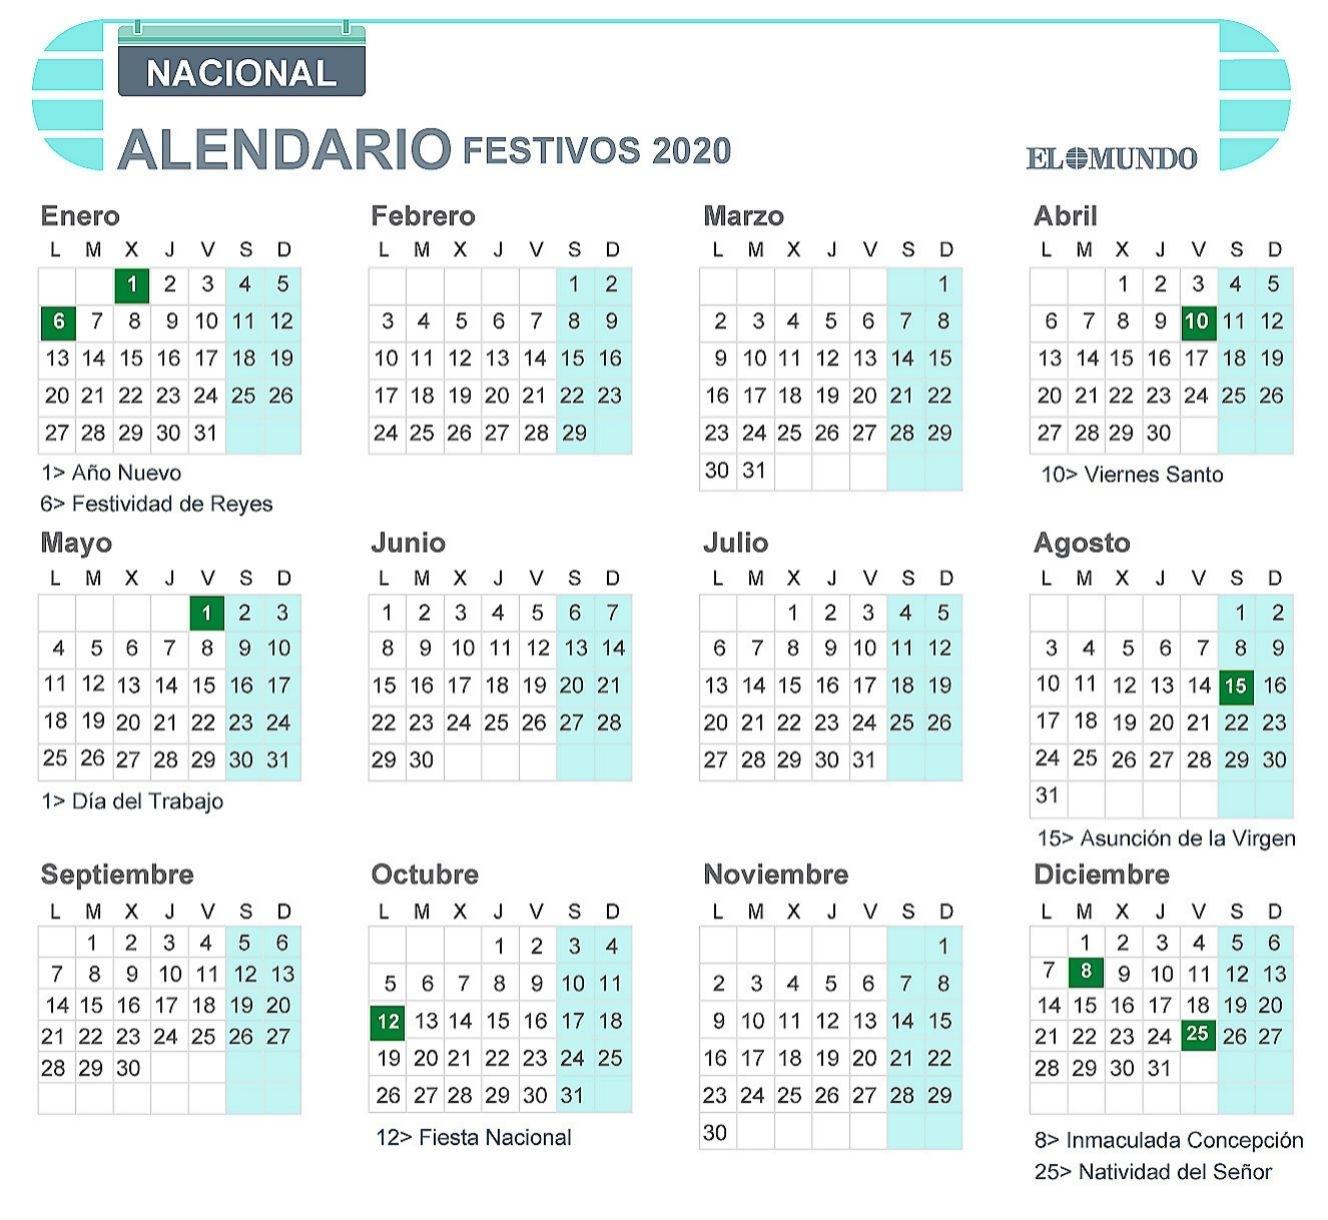 Calendario Laboral De 2020: Días Festivos Y Puentes   Economía